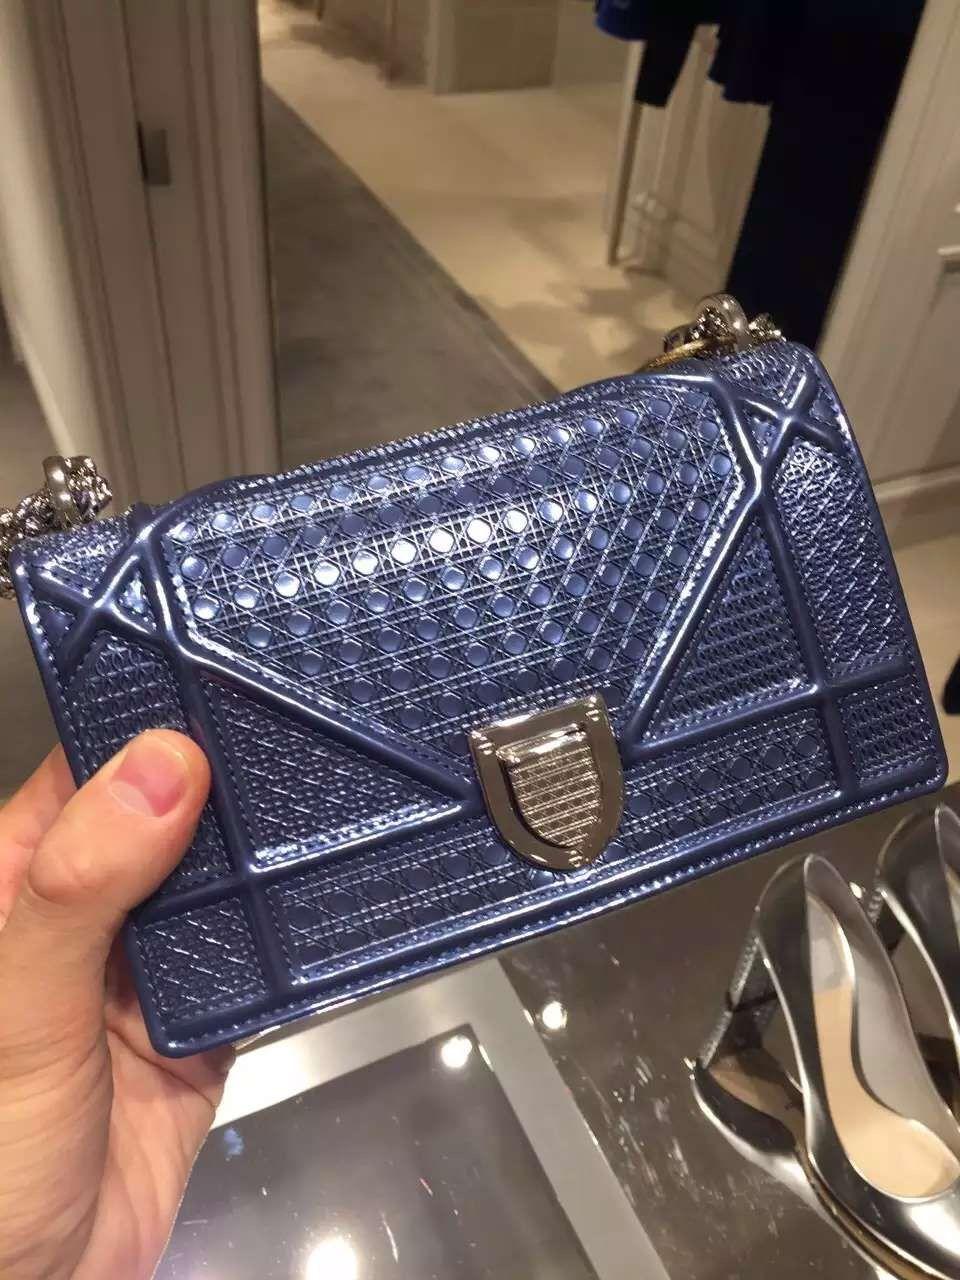 e4da3c14d47a  Christian  Dior  Diorama  Shoulder  Bag  Handbags  Diorama  Perforated  Calfskin Mini Bag Blue